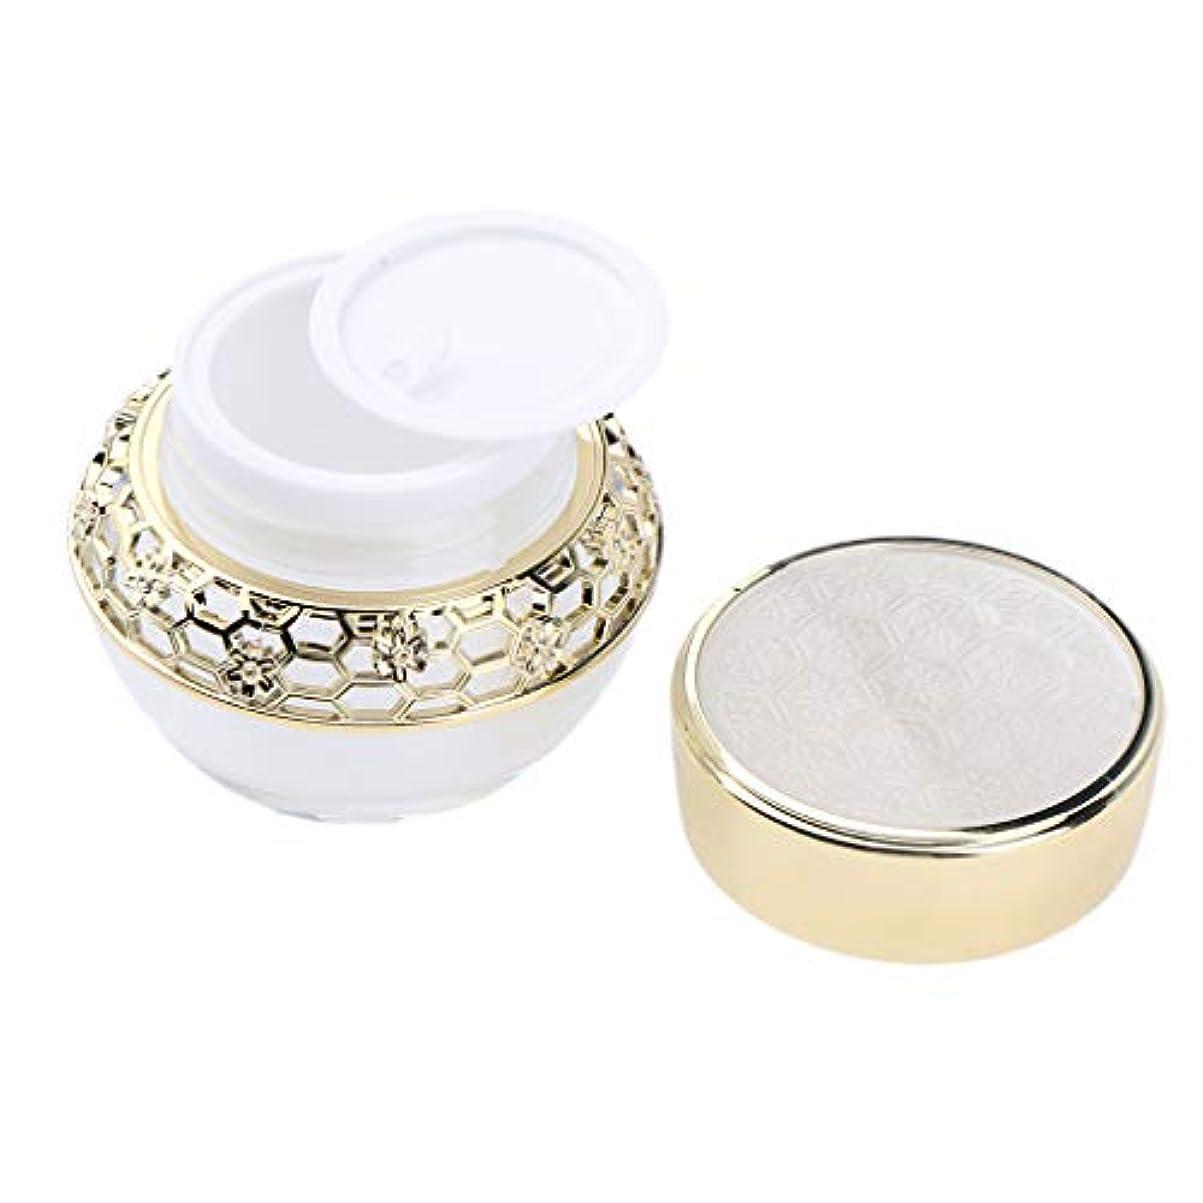 添加みコンプリートSM SunniMix クリーム 容器 クリームケース 化粧品 アクリル ローション 詰替え容器 2サイズ選べ - 30g